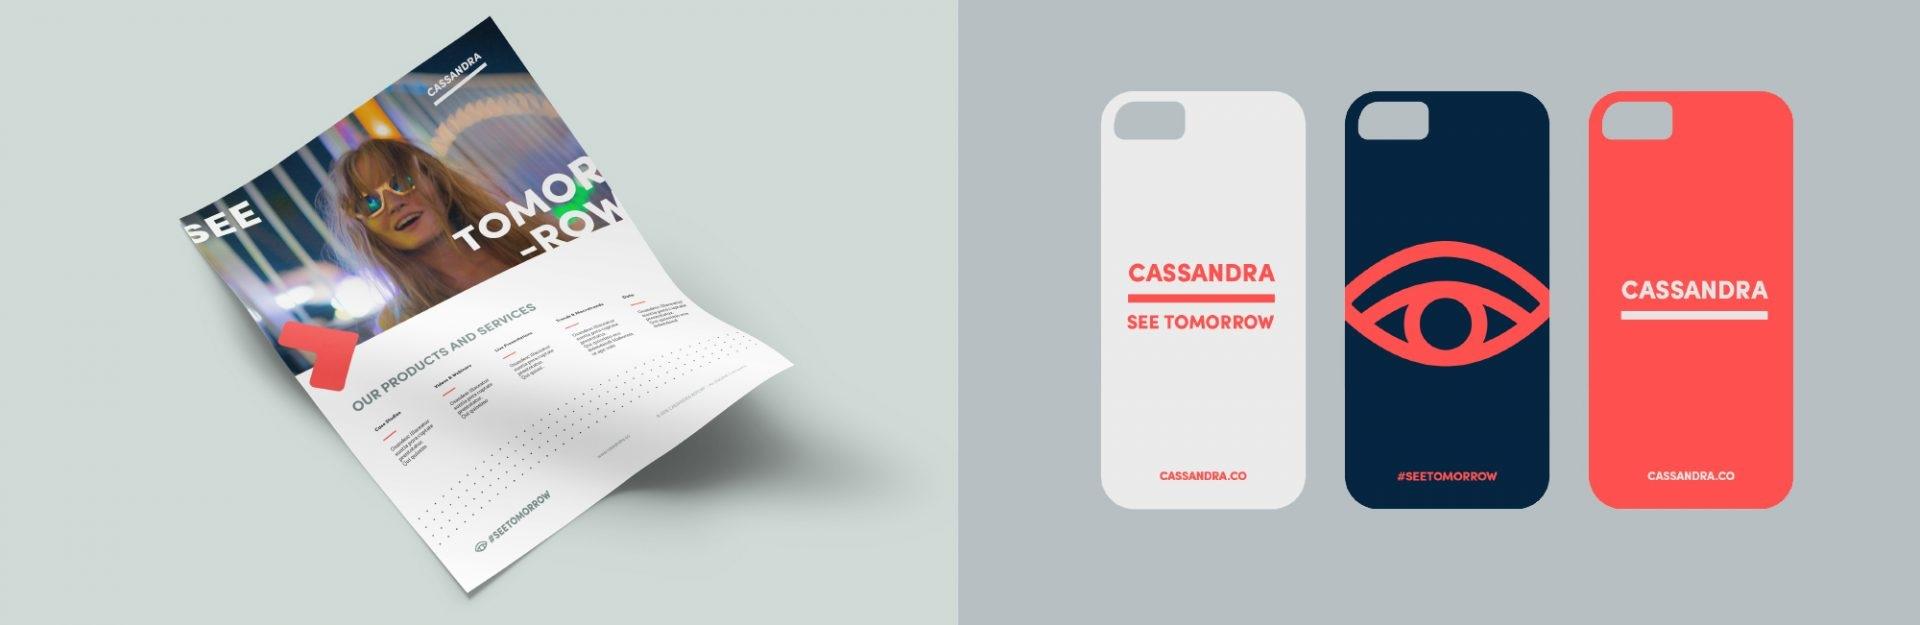 006_SamplesPt2_Cassandra_1